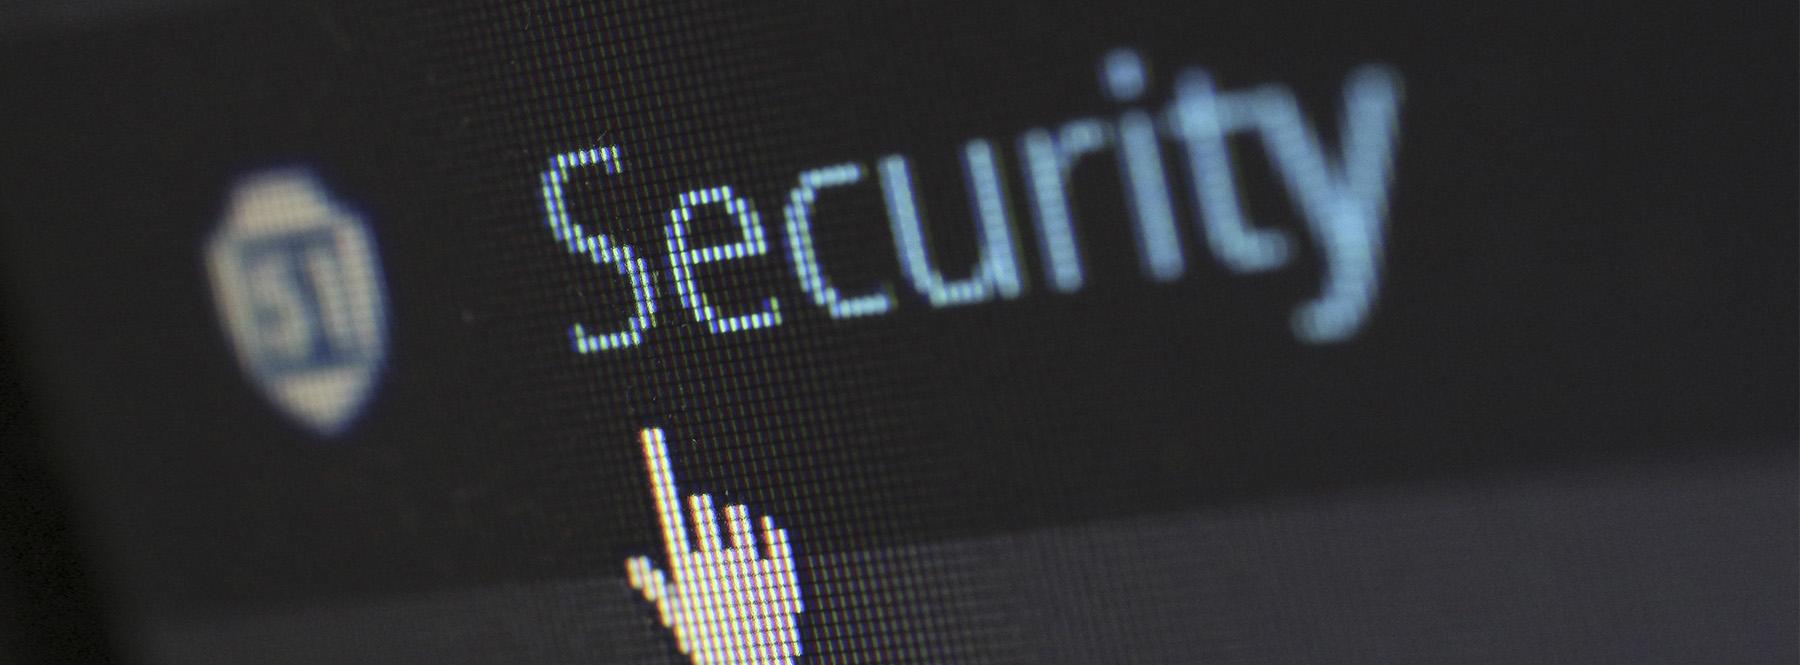 #CyberSecurityPulse, el canal de Telegram para estar informado de la actualidad en ciberseguridad